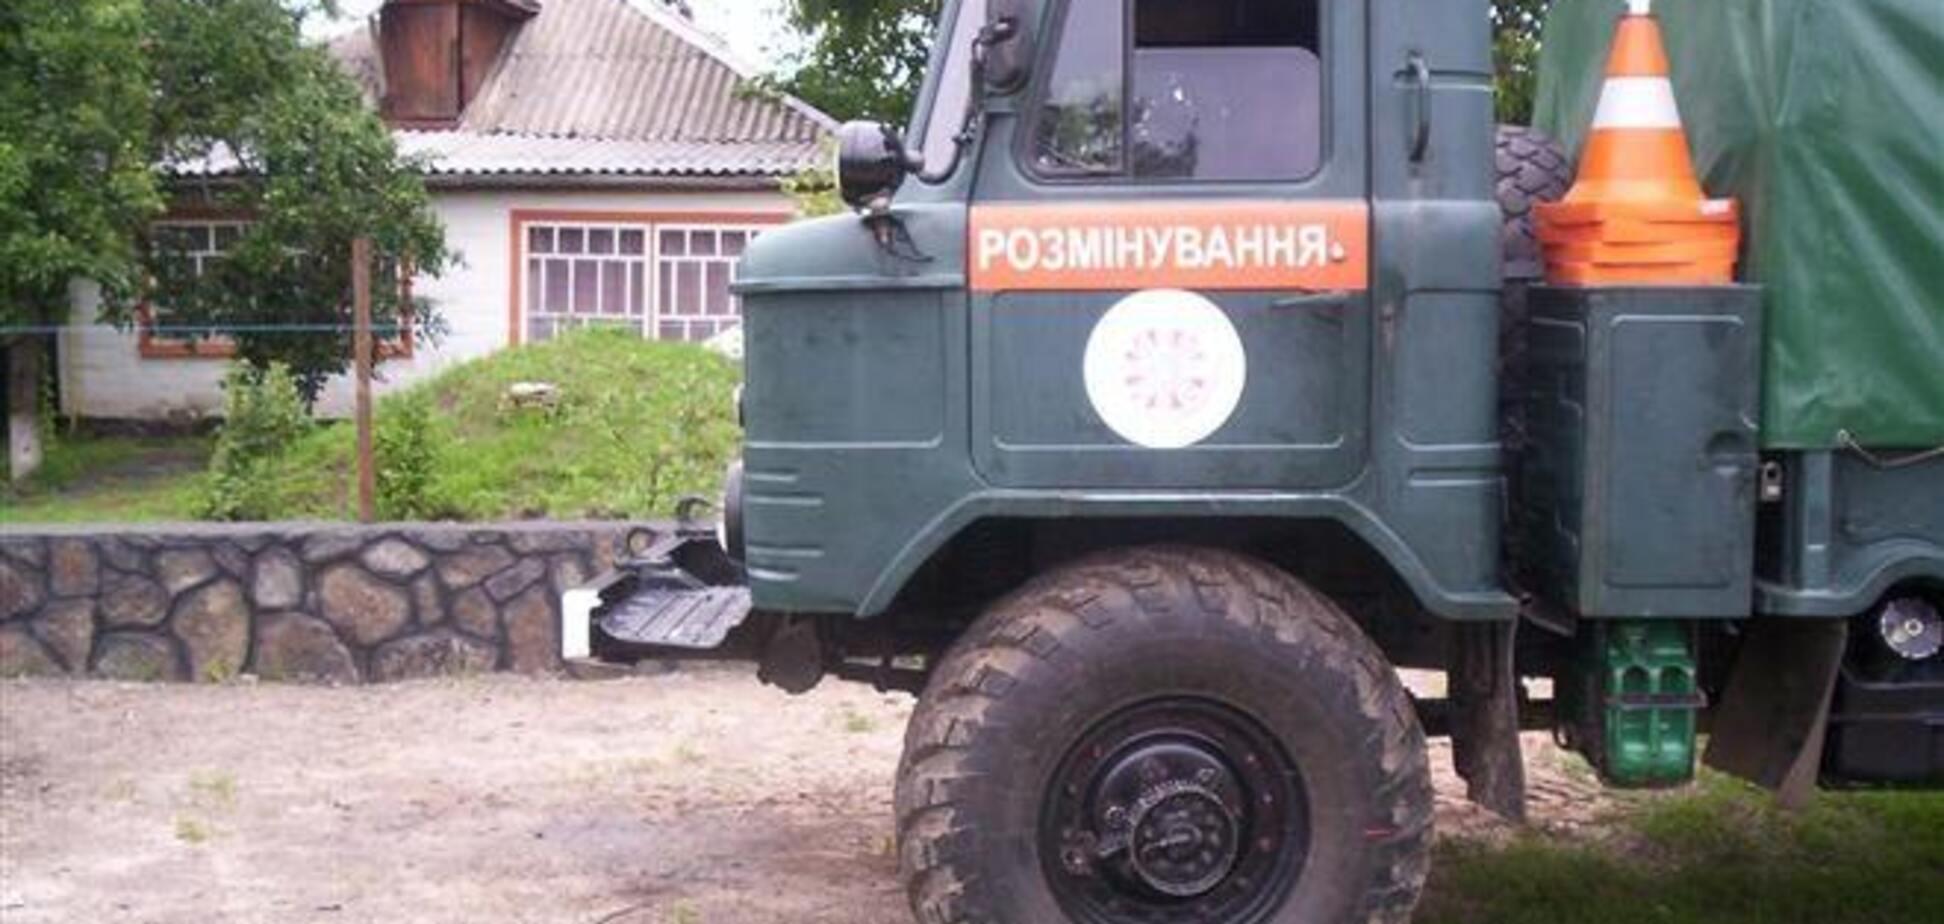 Во Львове артснаряд нашли в девятиэтажке